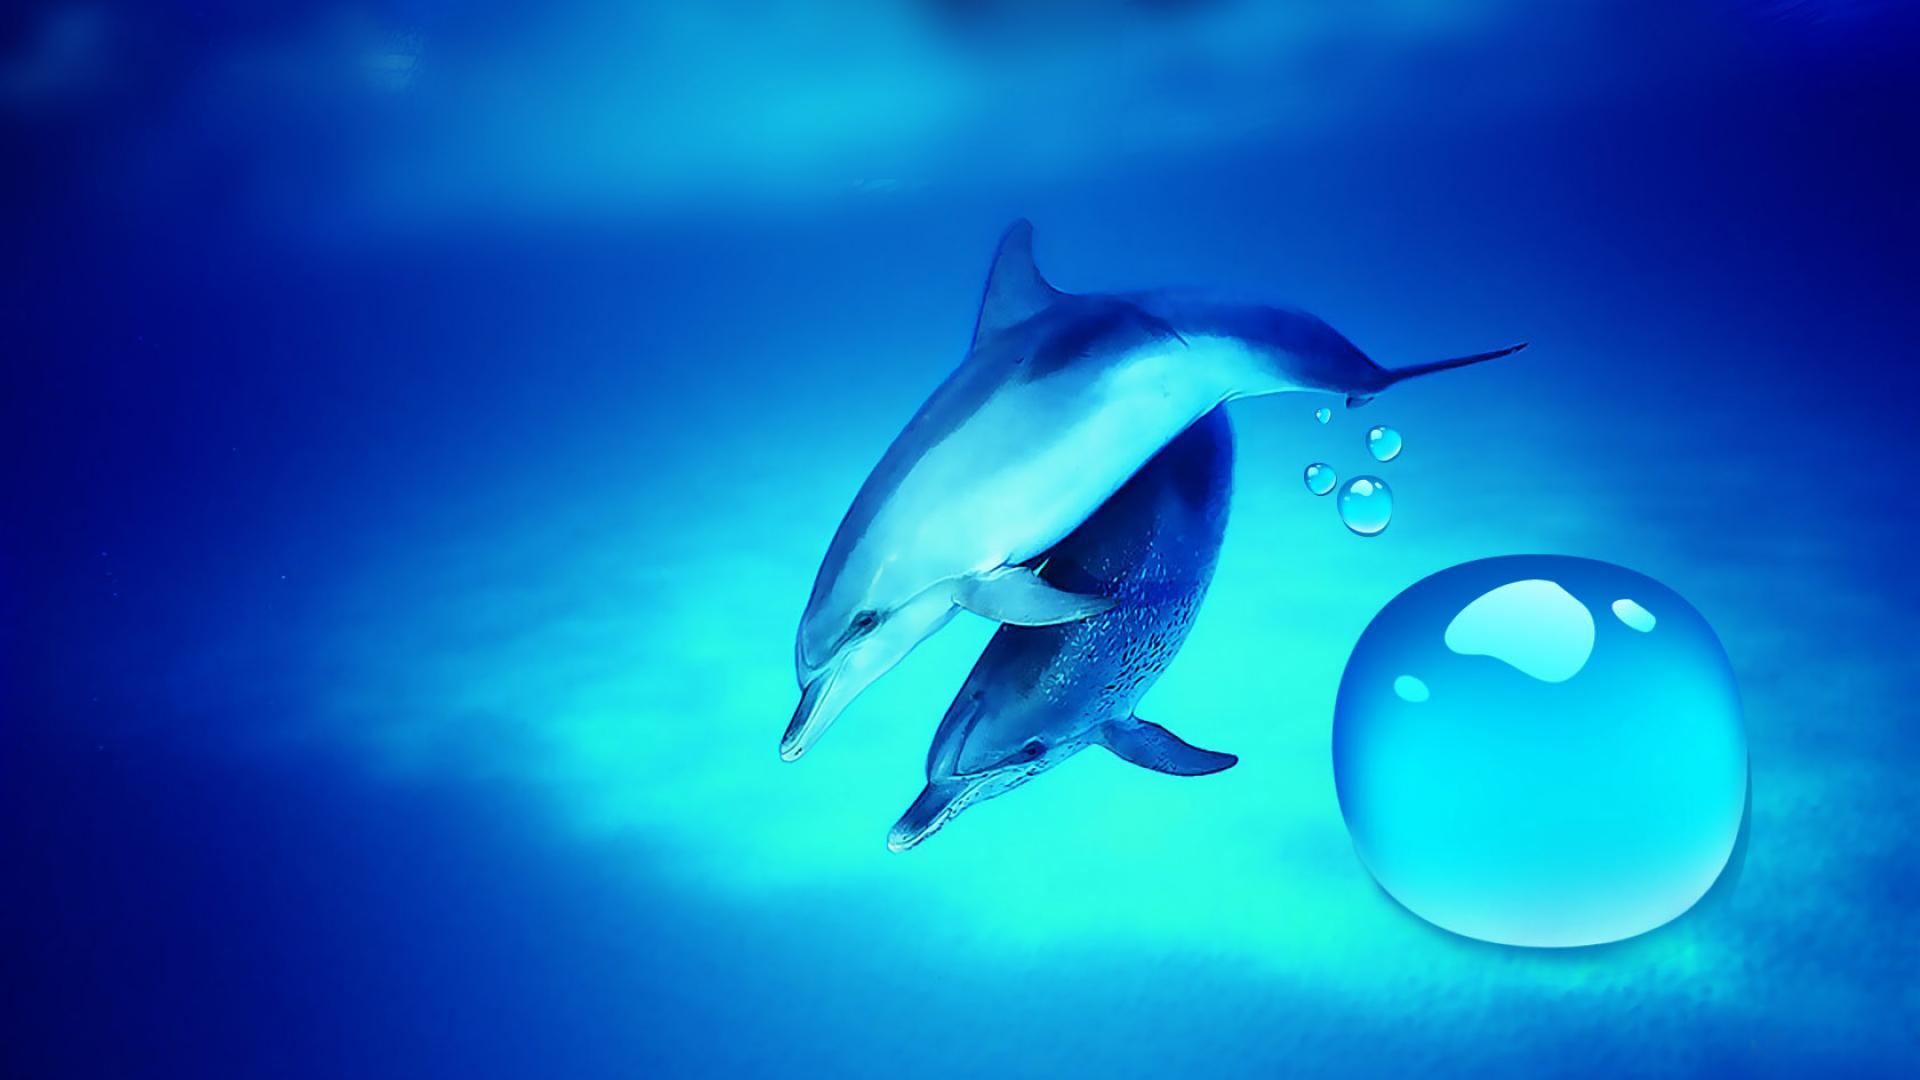 dolphin desktop wallpaper 7732 hd wallpapers in animals imagesci com